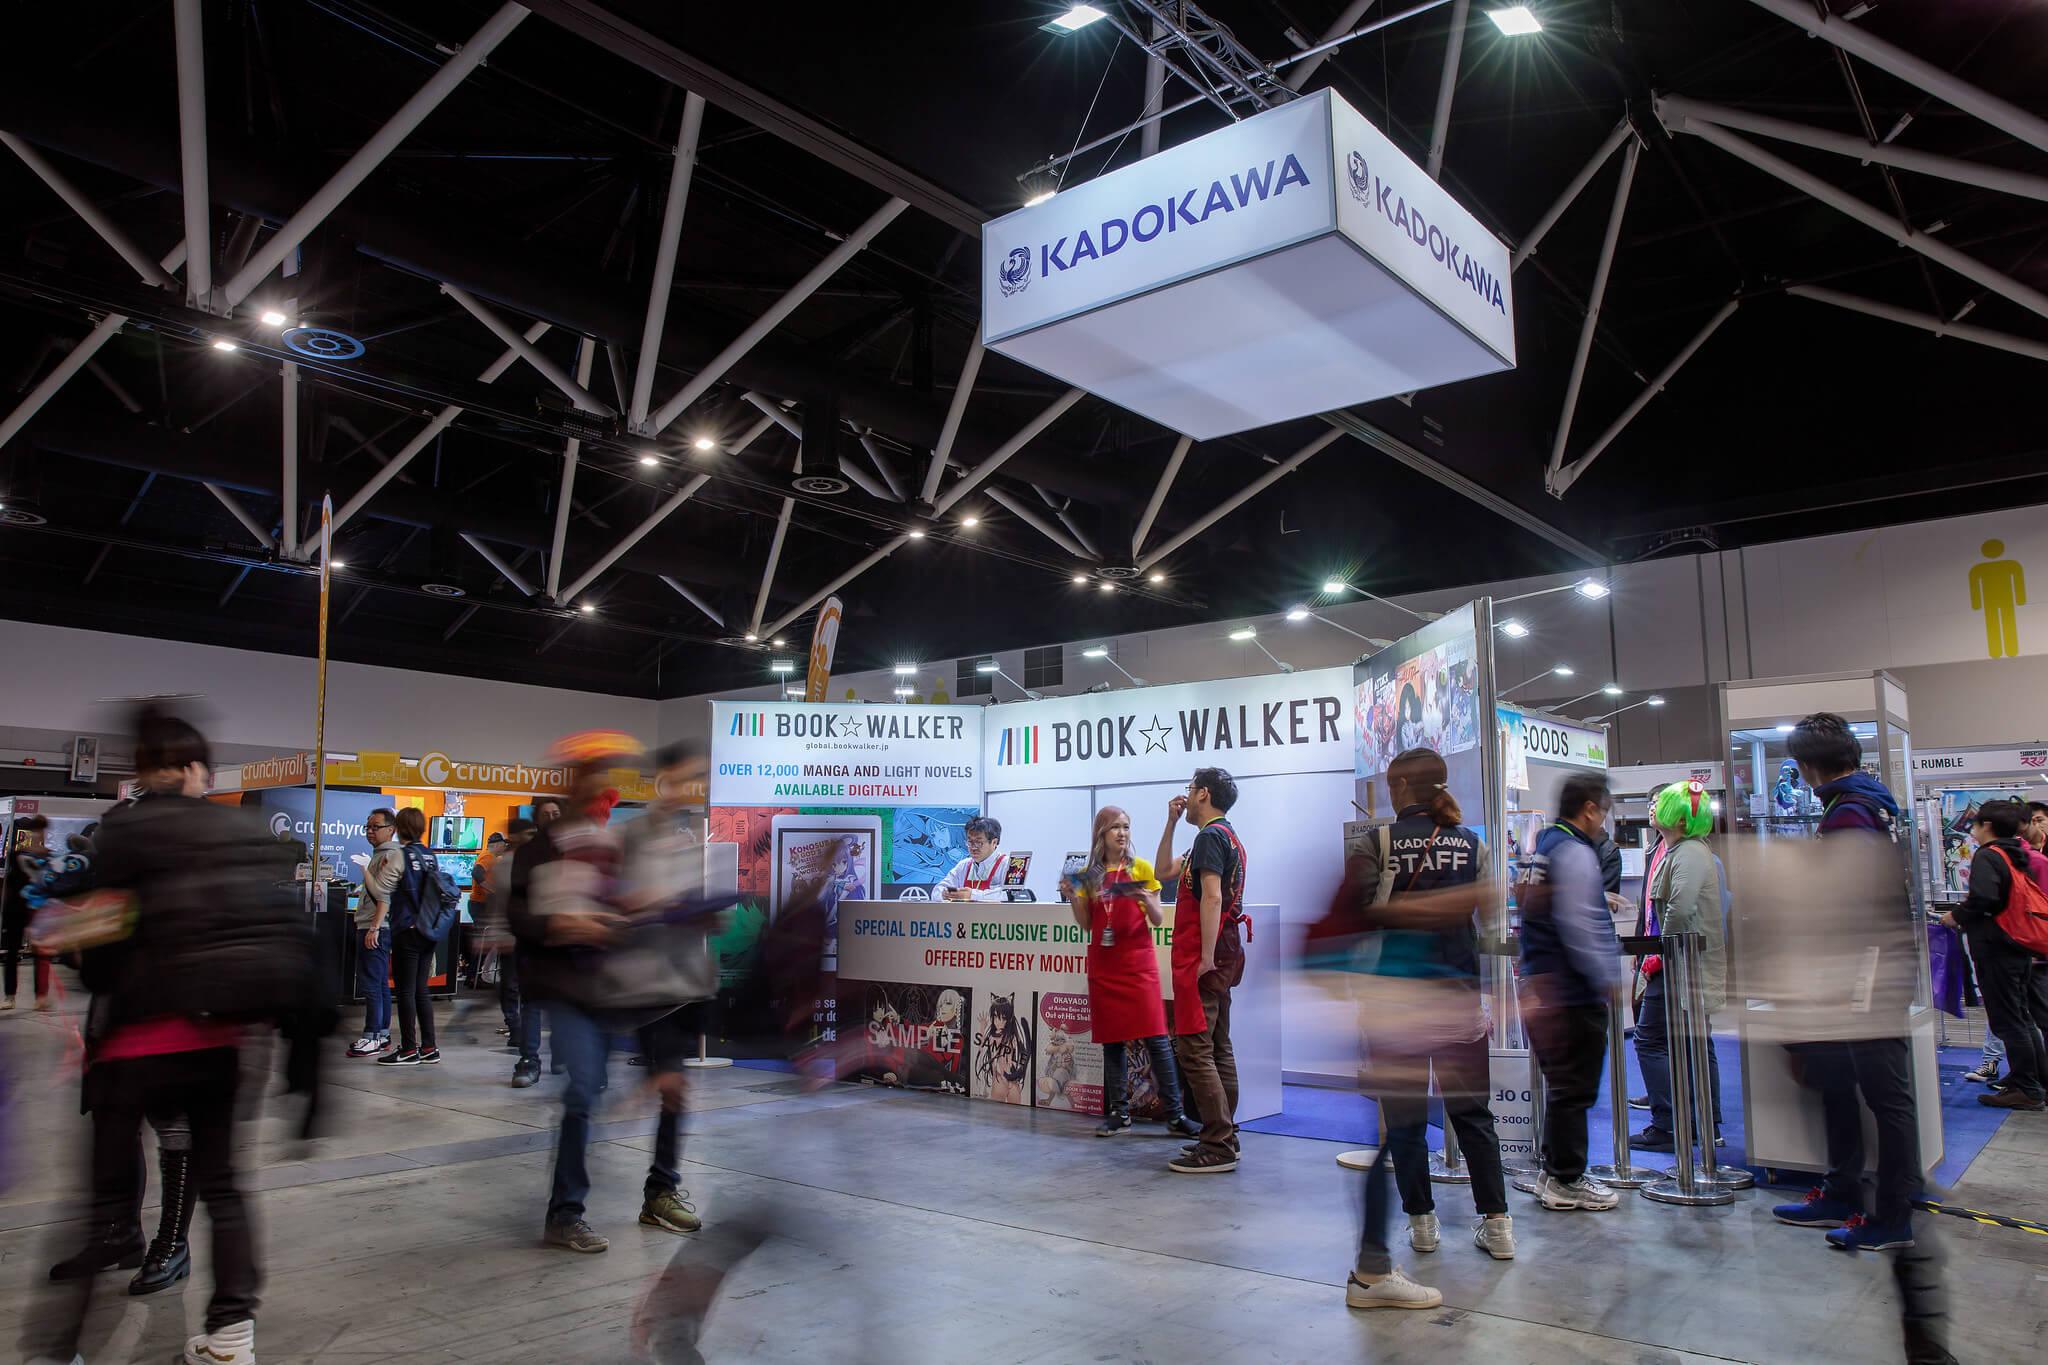 Kadokawa Sponsor Booth 2019